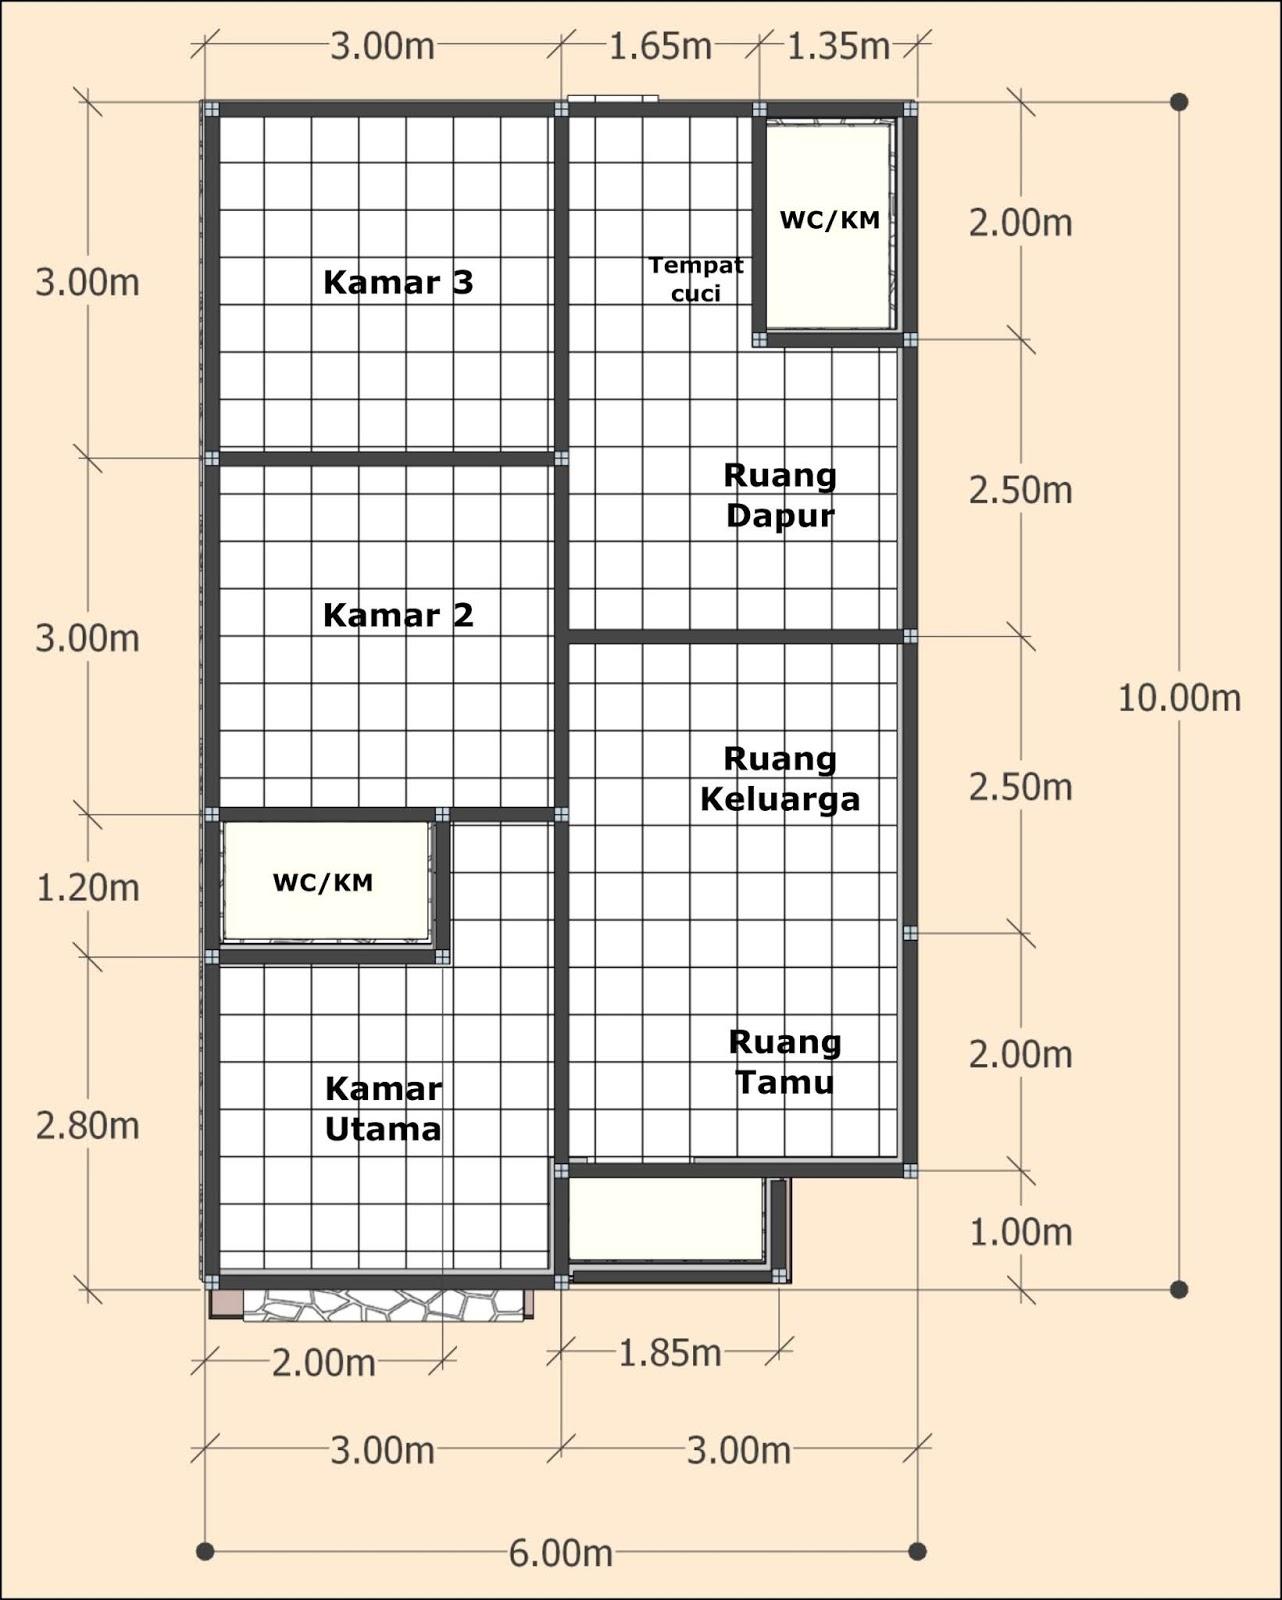 Desain dan Denah Rumah Minimalis Sederhana 6x10 meter 3 ...